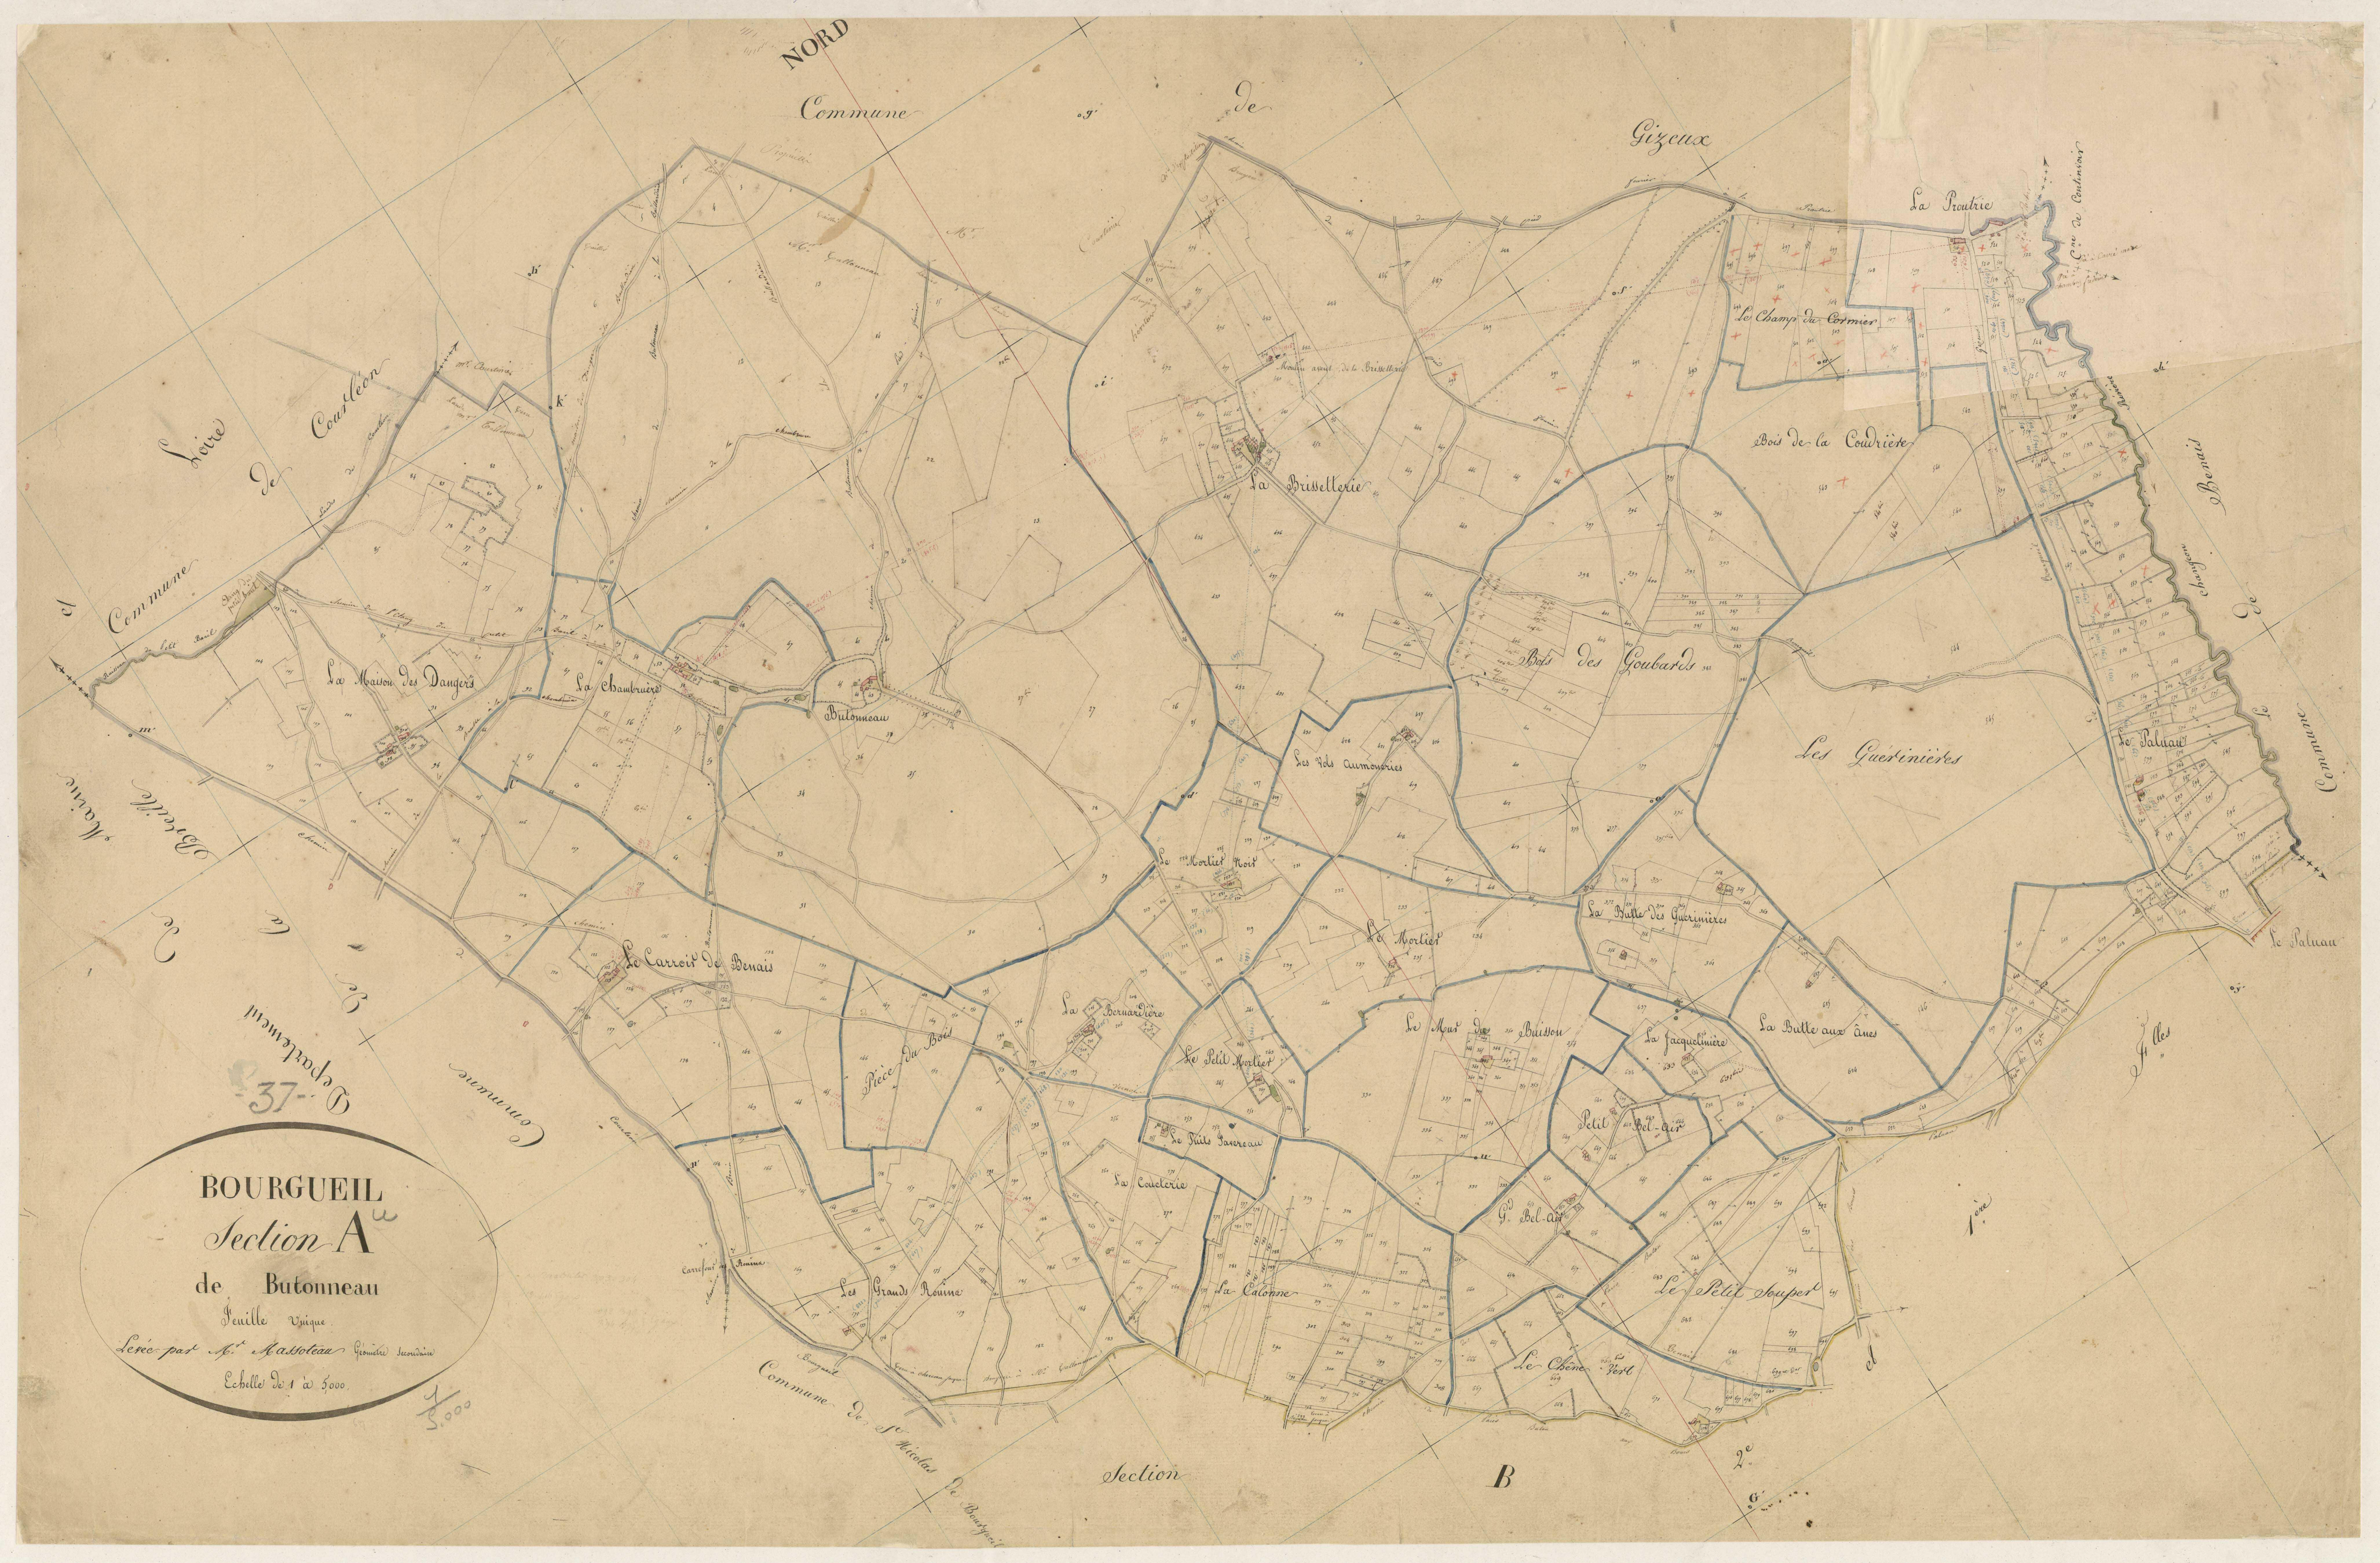 Section A1 de Butonneau